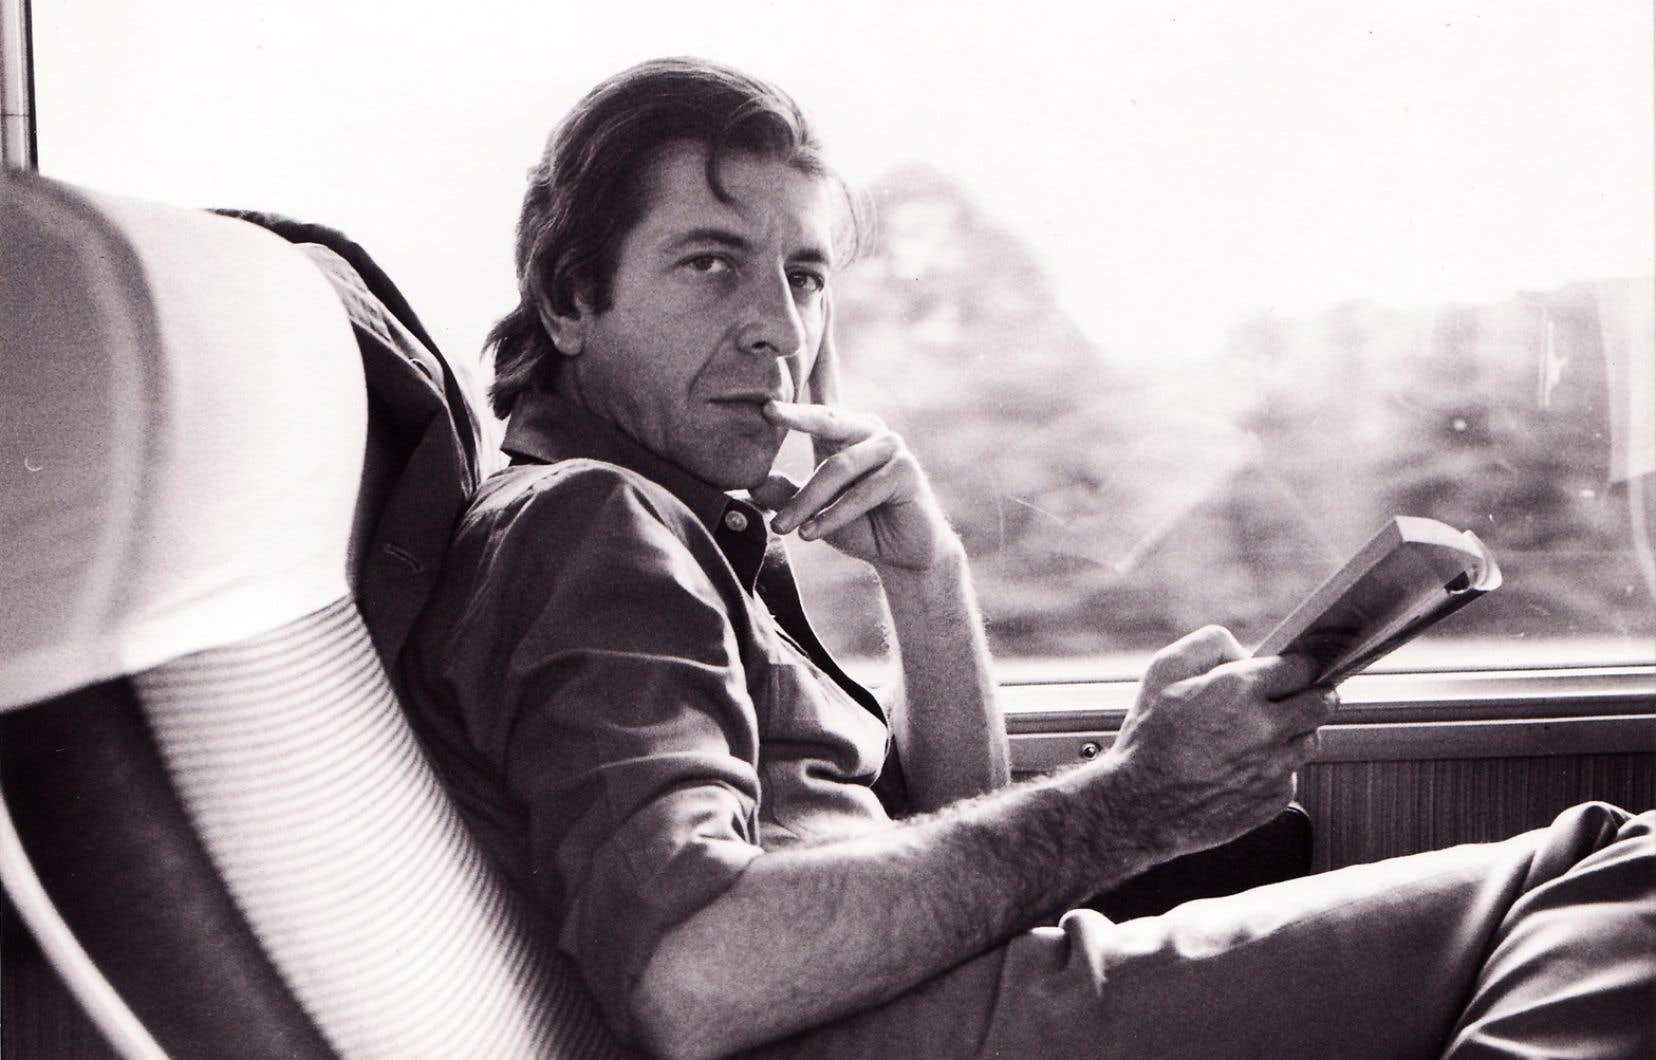 Un an après son décès, Leonard Cohen fait l'objet d'une exposition au Musée d'art contemporain de Montréal.